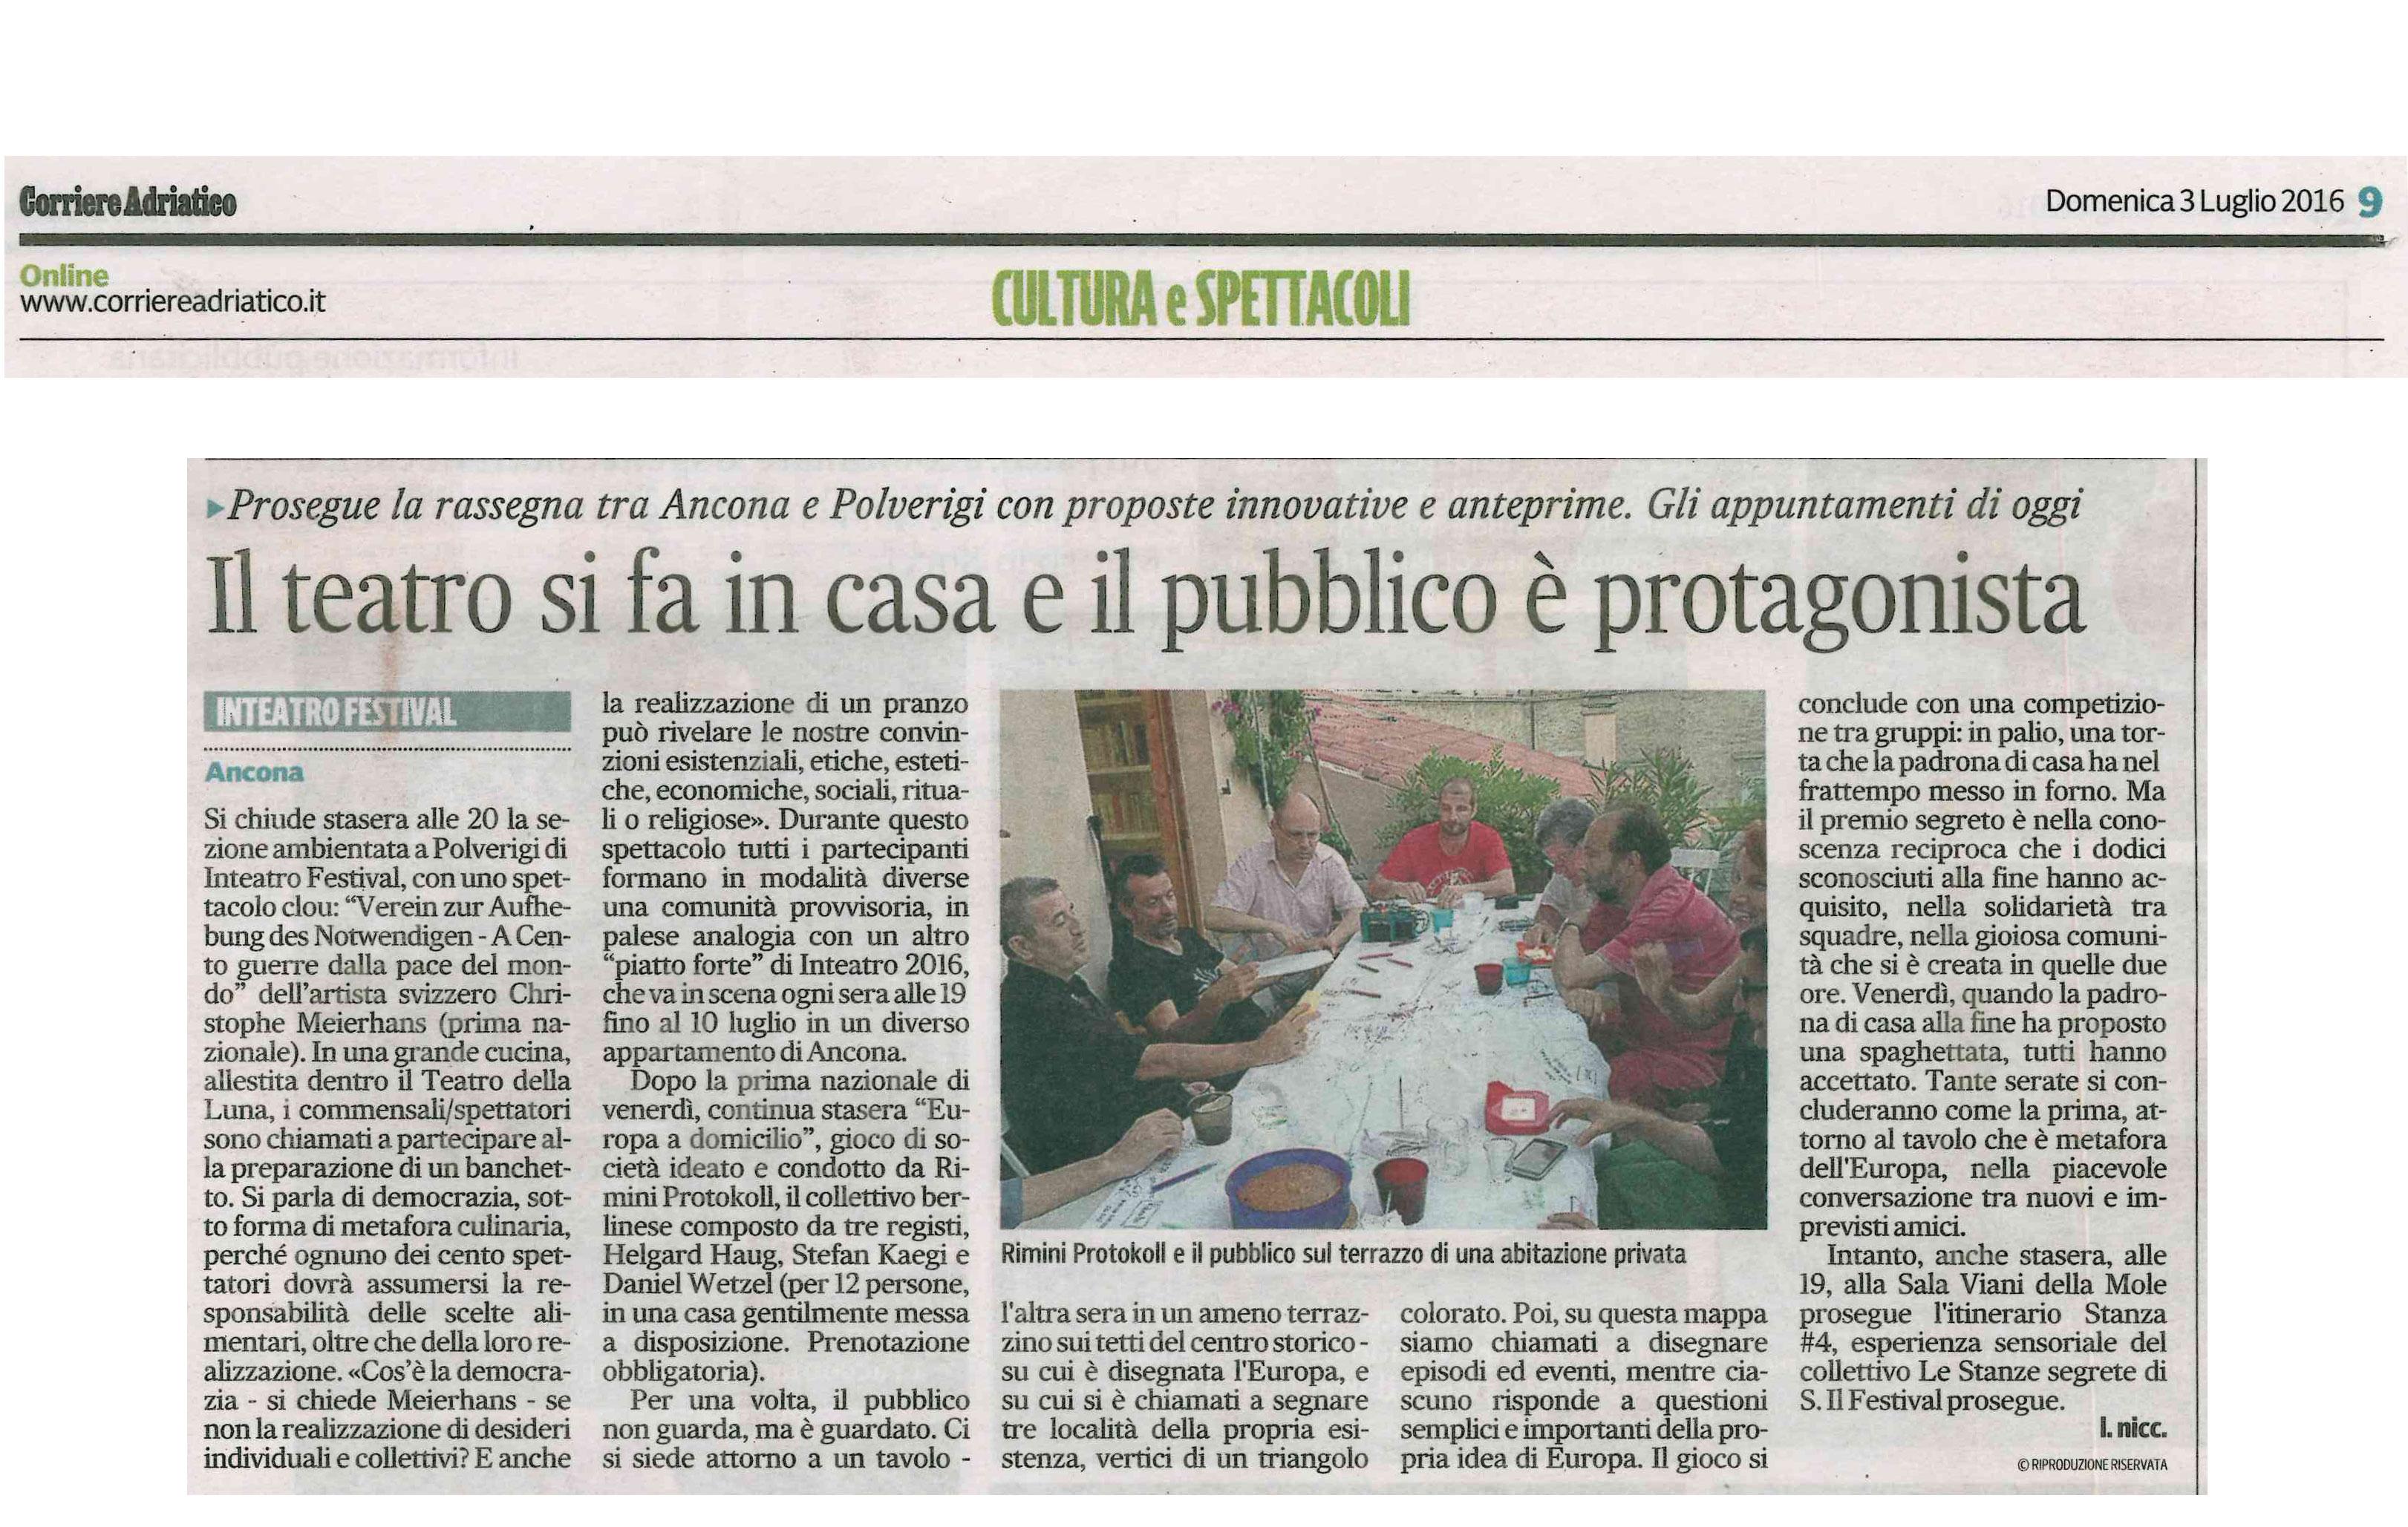 2016_07_03_il-teatro-si-fa-in-casa-e-il-pubblico-è-protagonista_corriere-adriatico